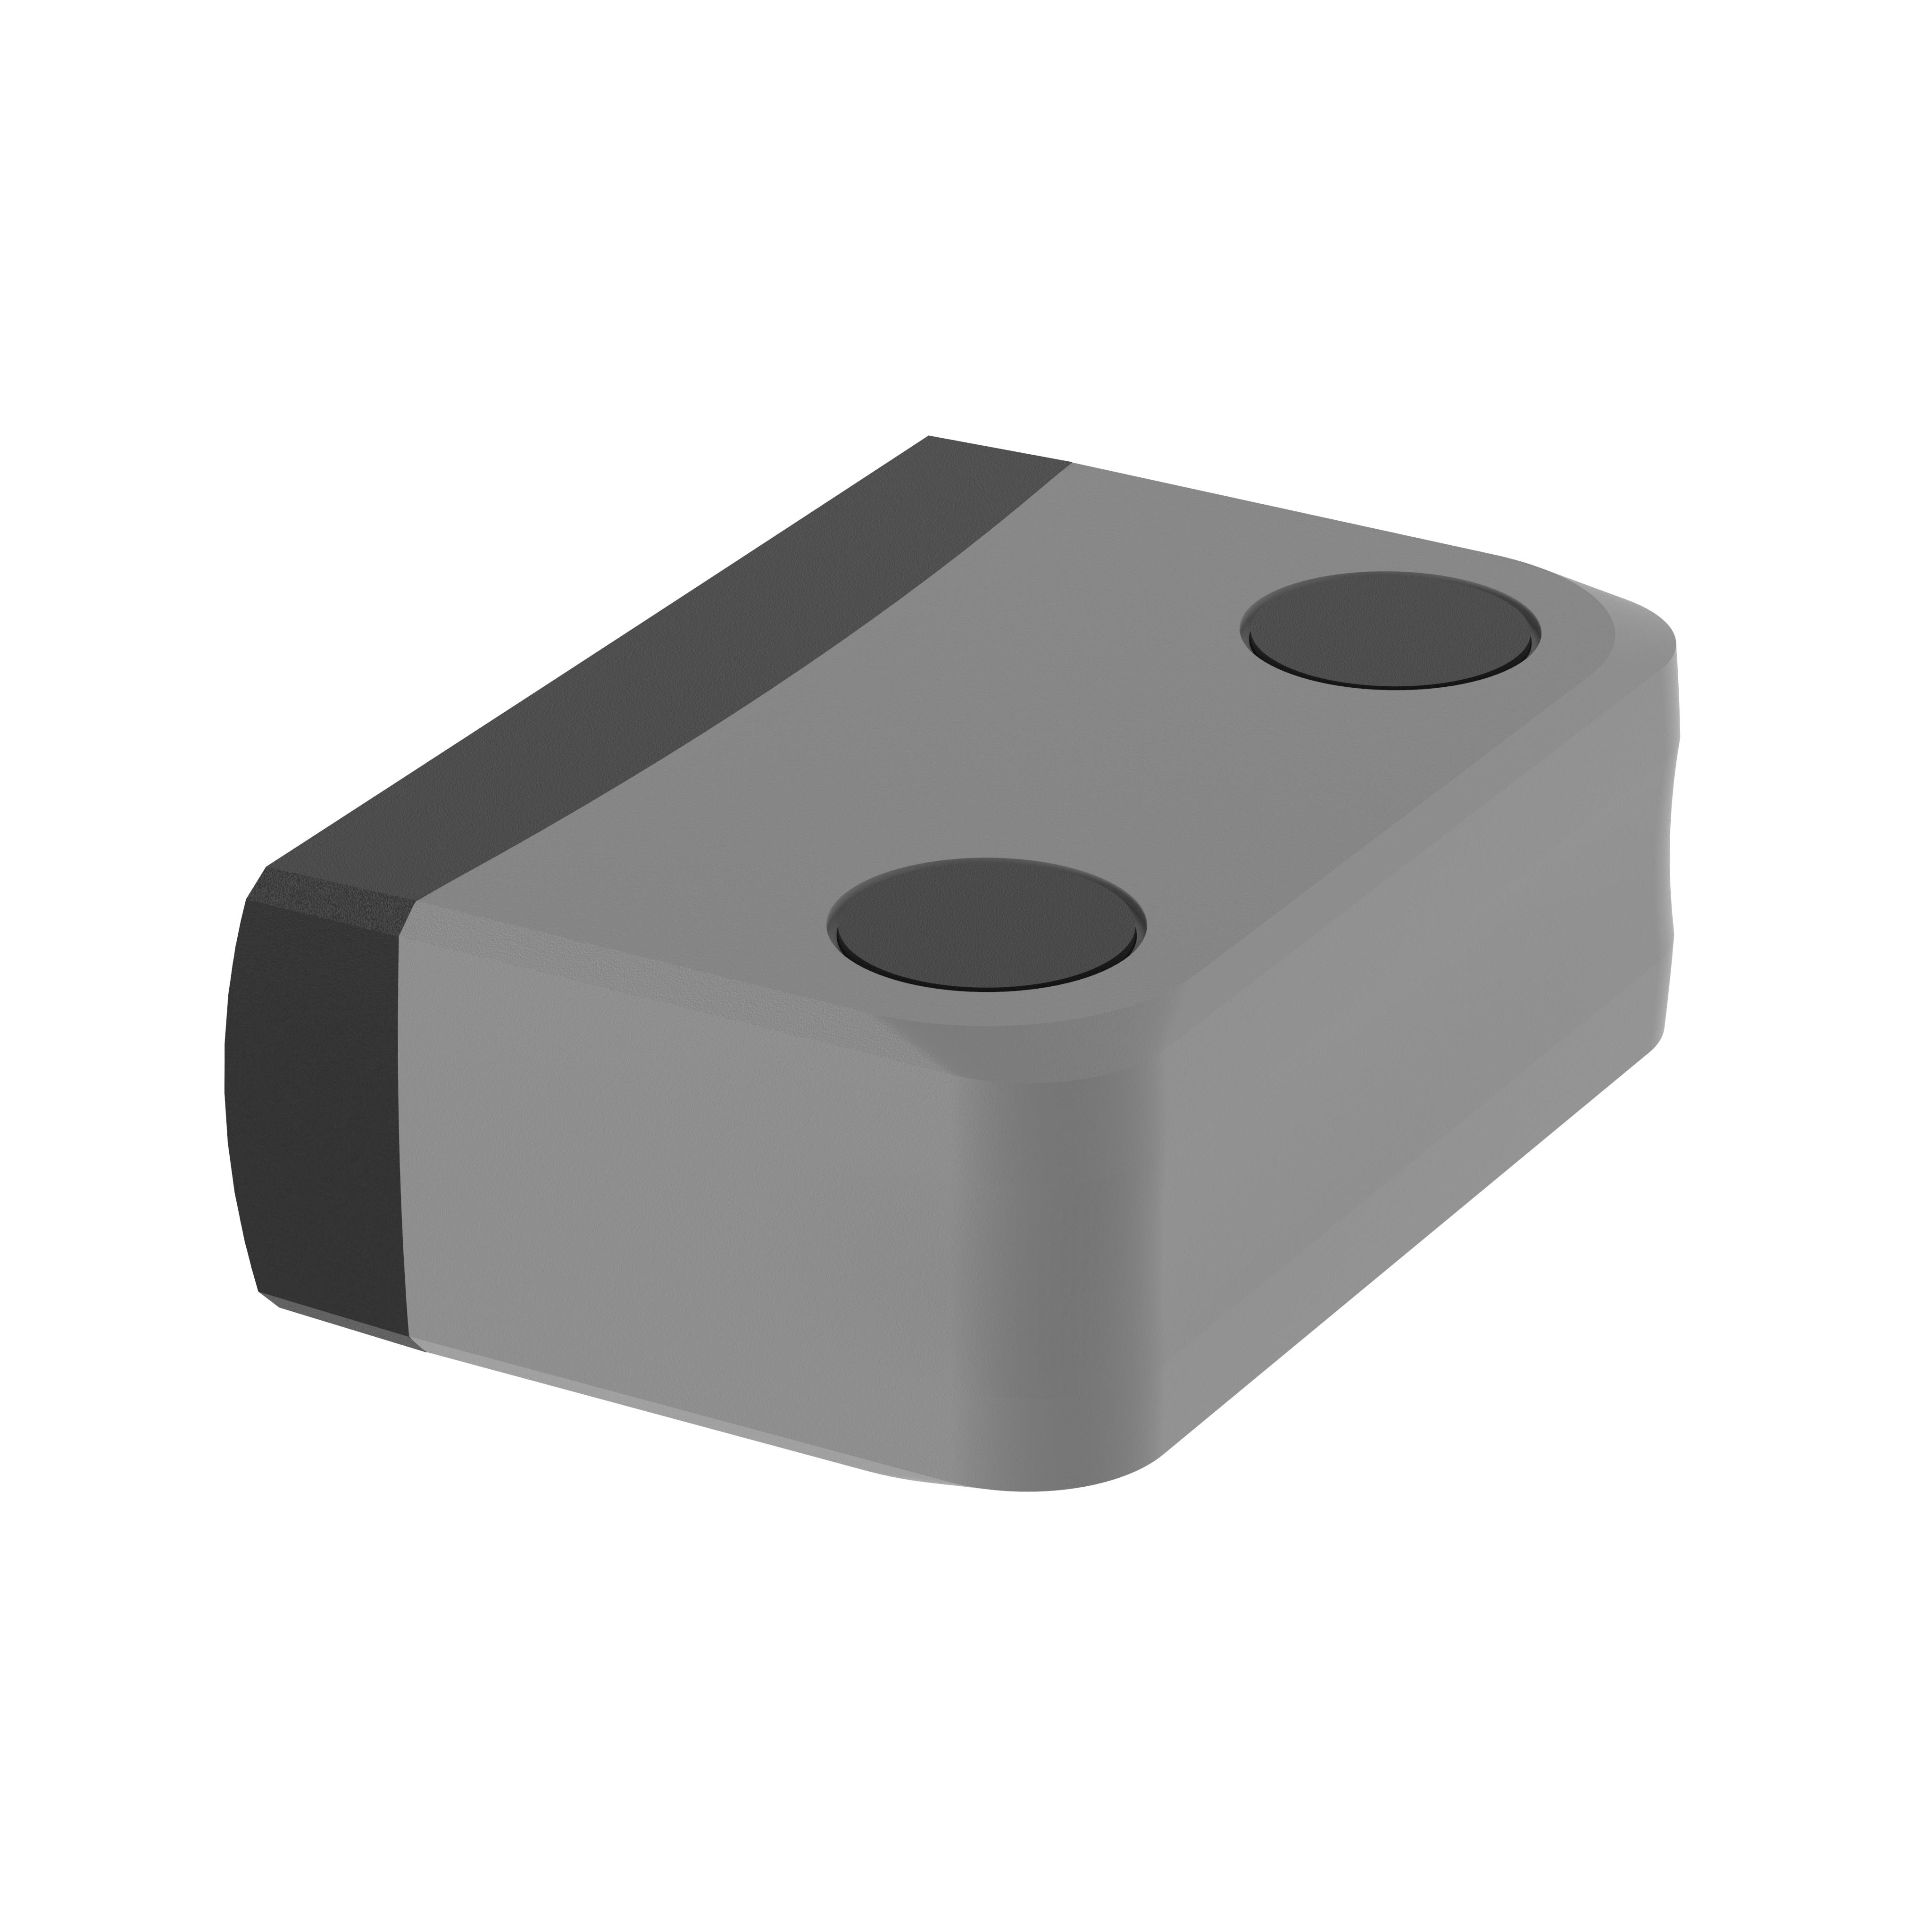 Betätiger für Sicherheitssensoren - 153MBK301 - Zubehör eloprotect M